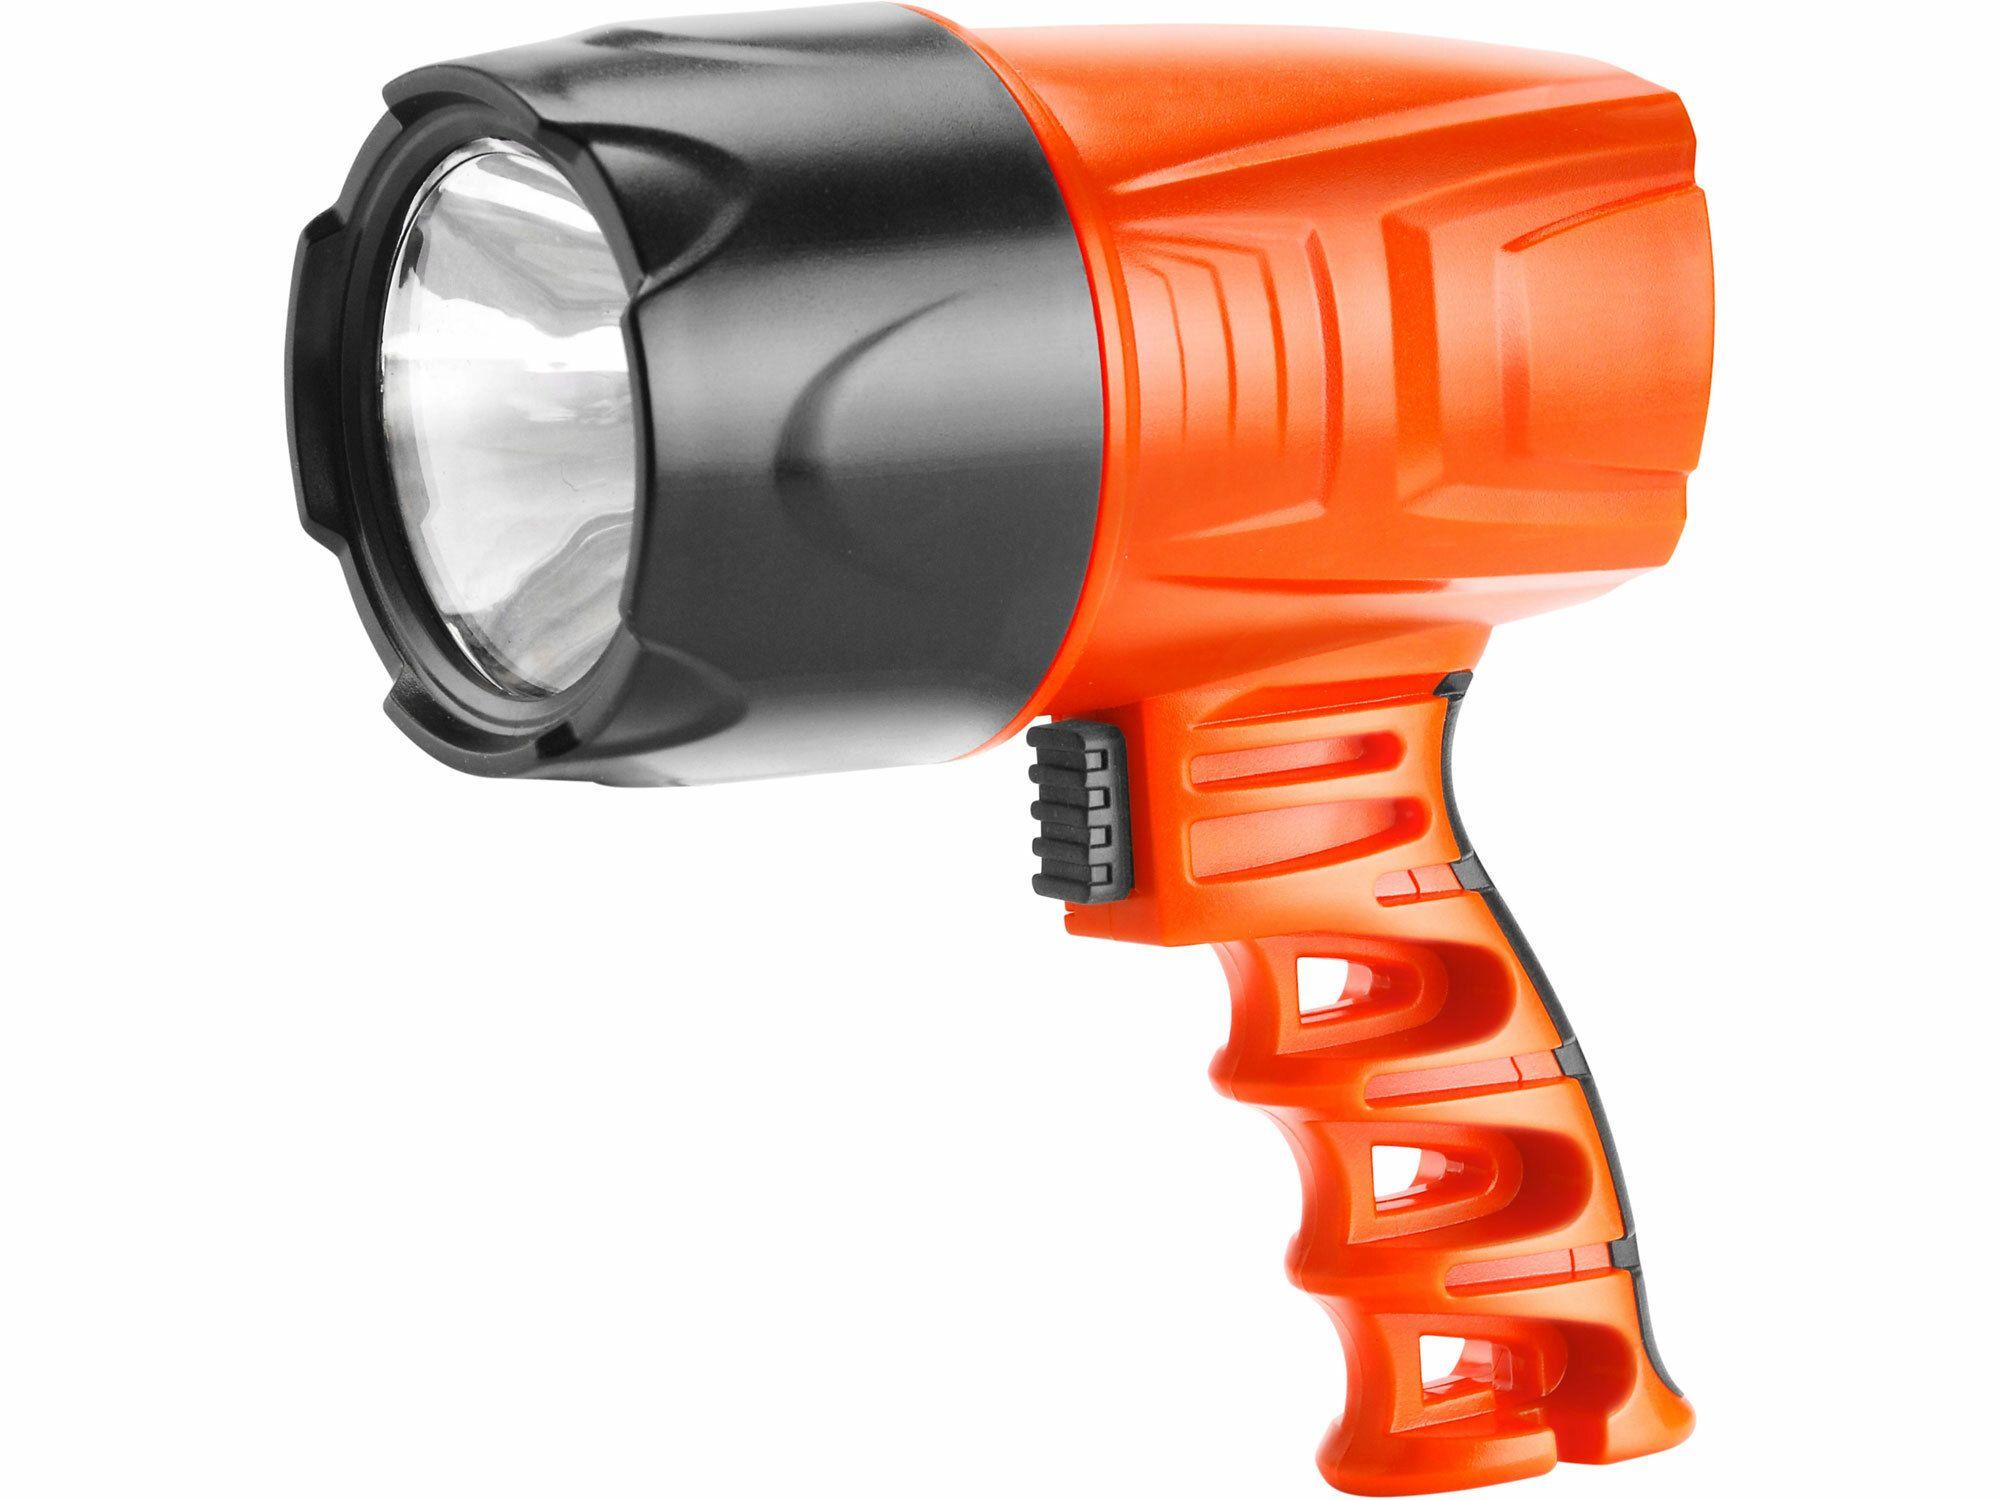 Svítilna 3W CREE LED, nabíjecí, 150lm, dosvit 330m, 3.7V Li-ion 1500mAh EXTOL-LIGHT